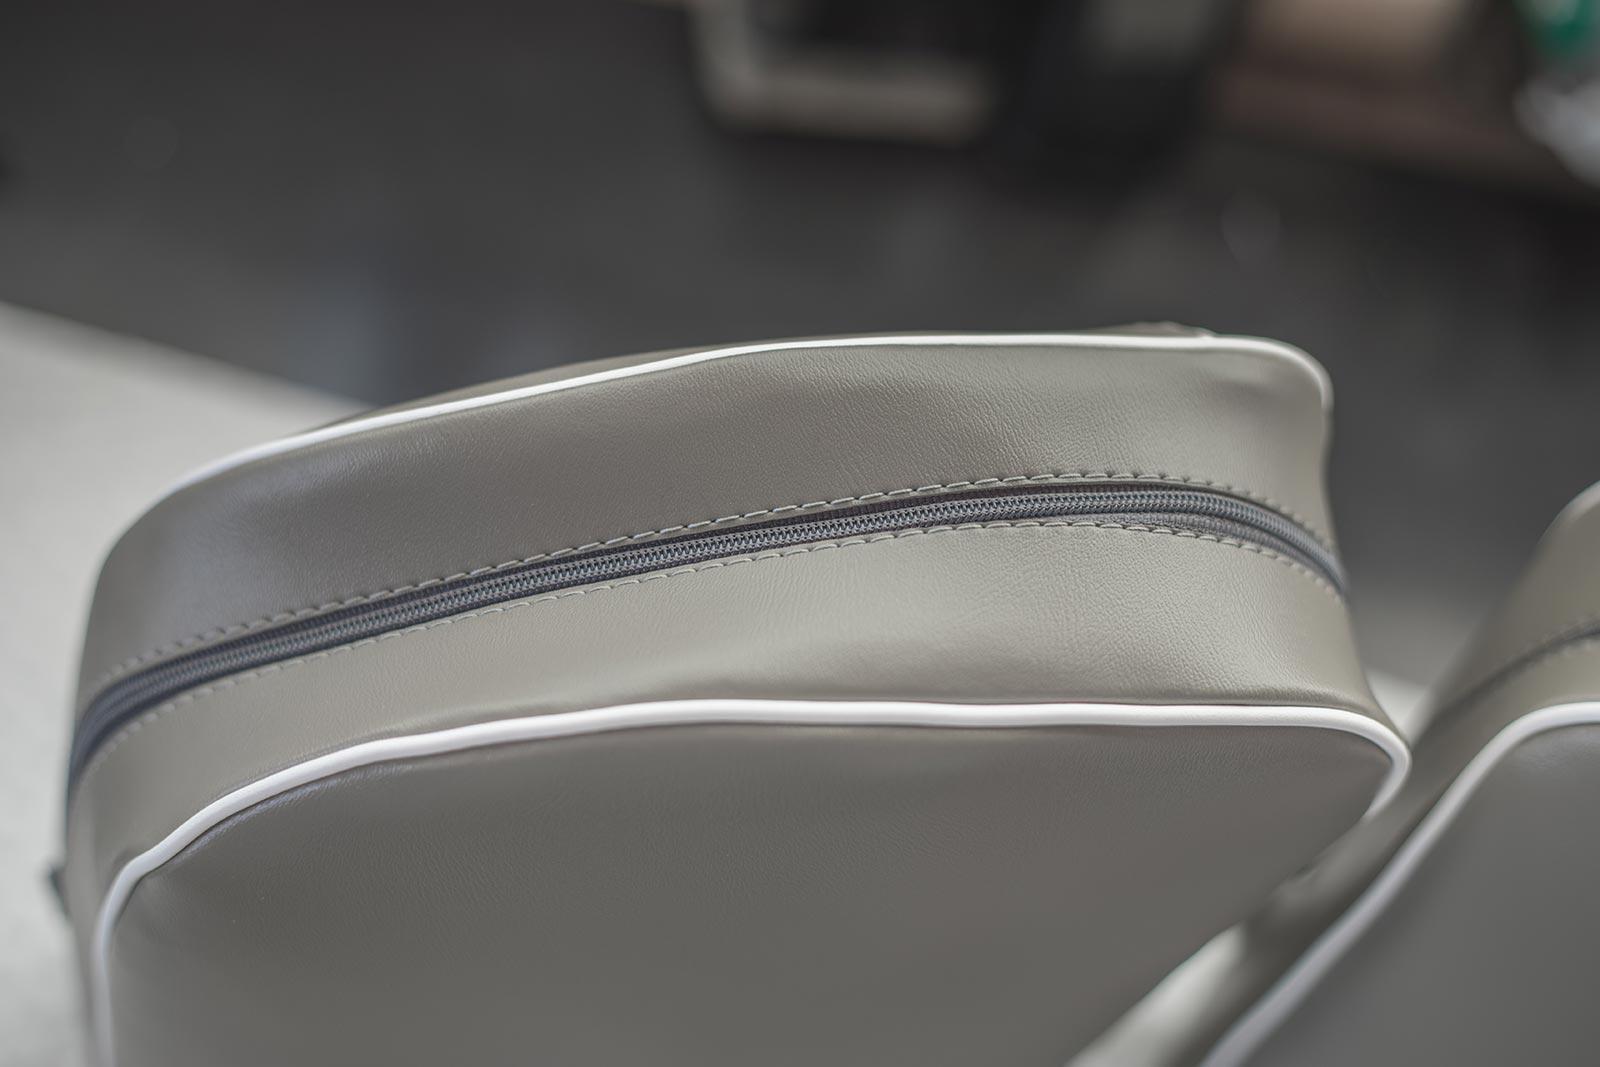 borse-scudo-dettaglio-cerniera